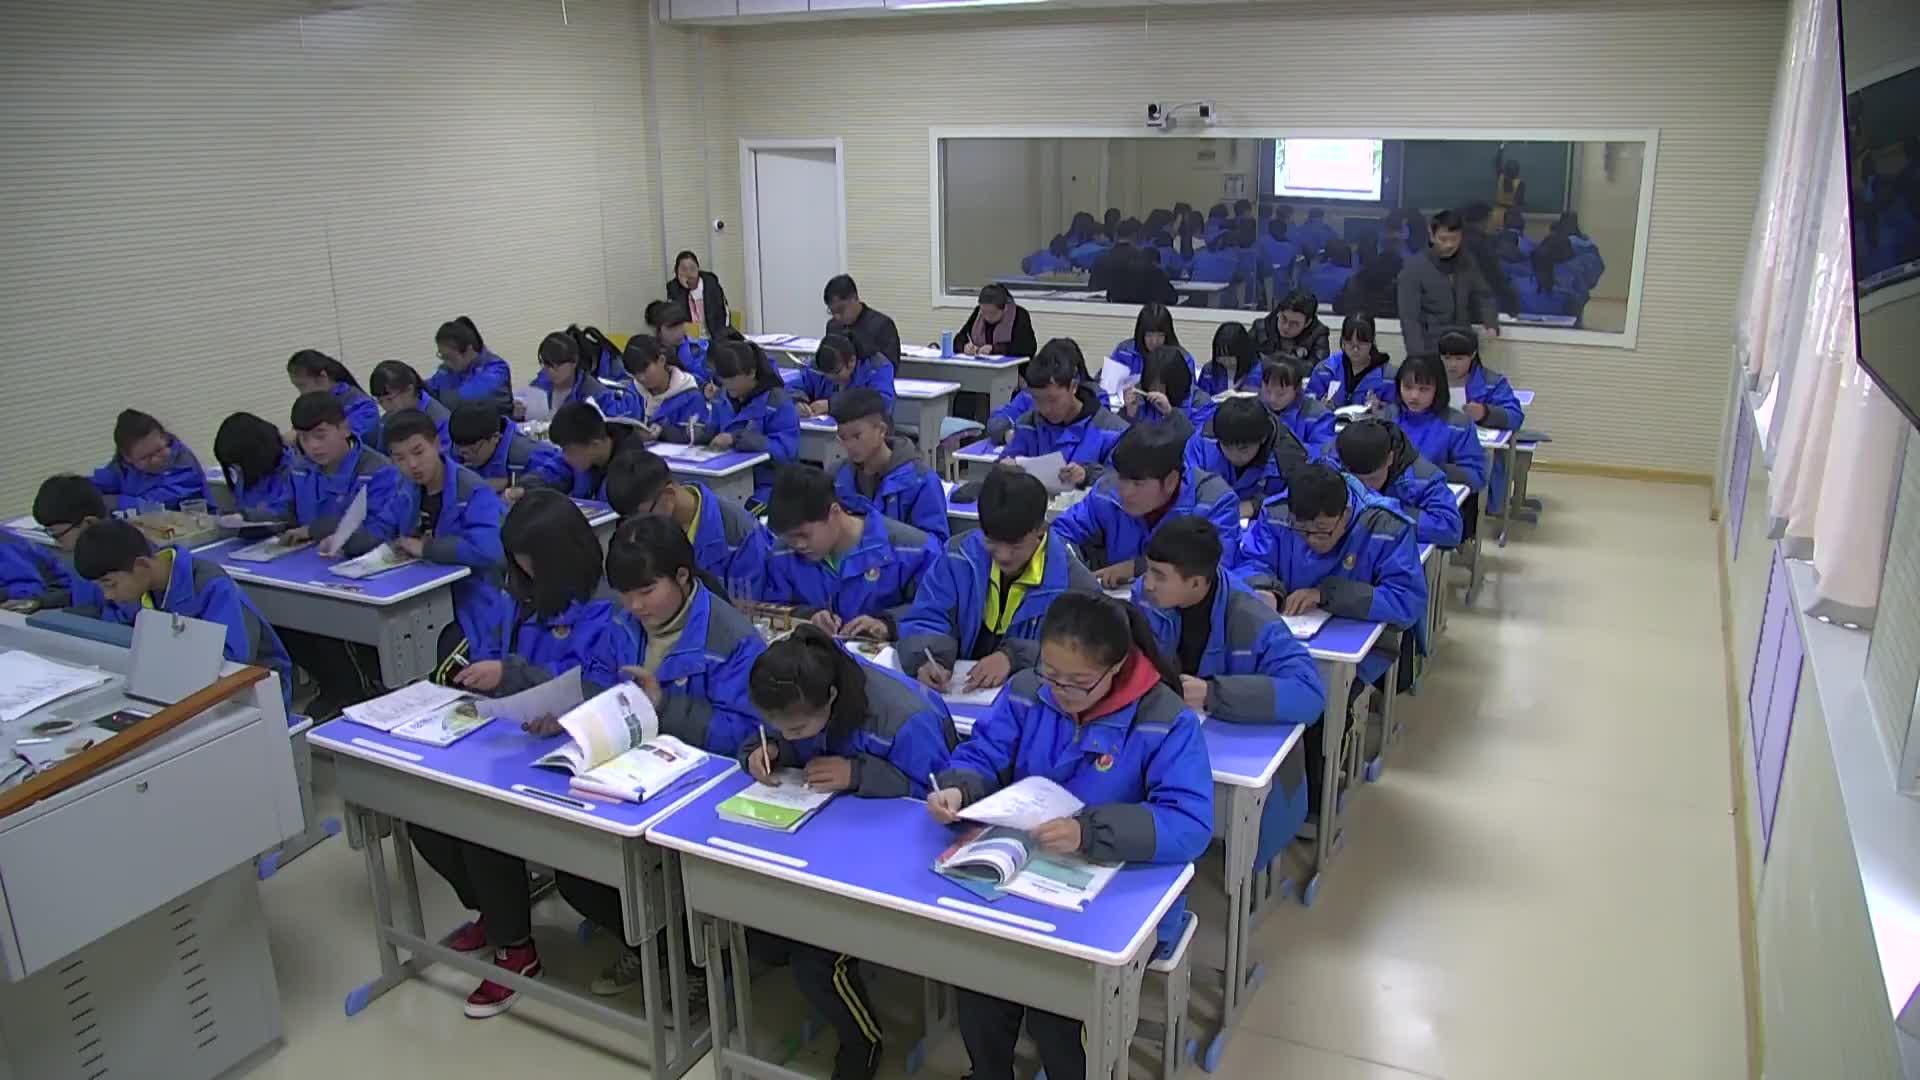 沪教版 九年级化学 第五章 第一节  金属性质和利用-课堂实录